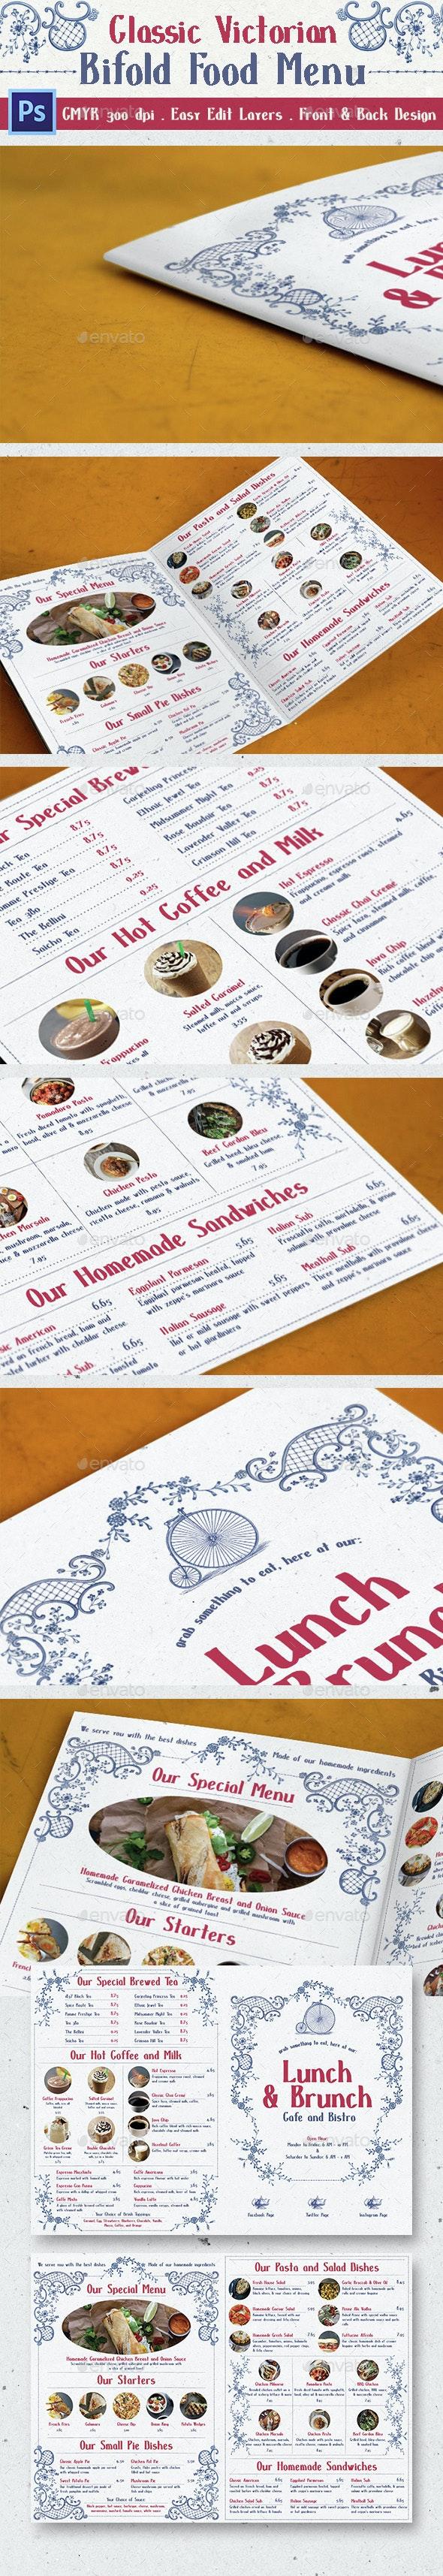 Classic Victorian Bifold Menu - Food Menus Print Templates